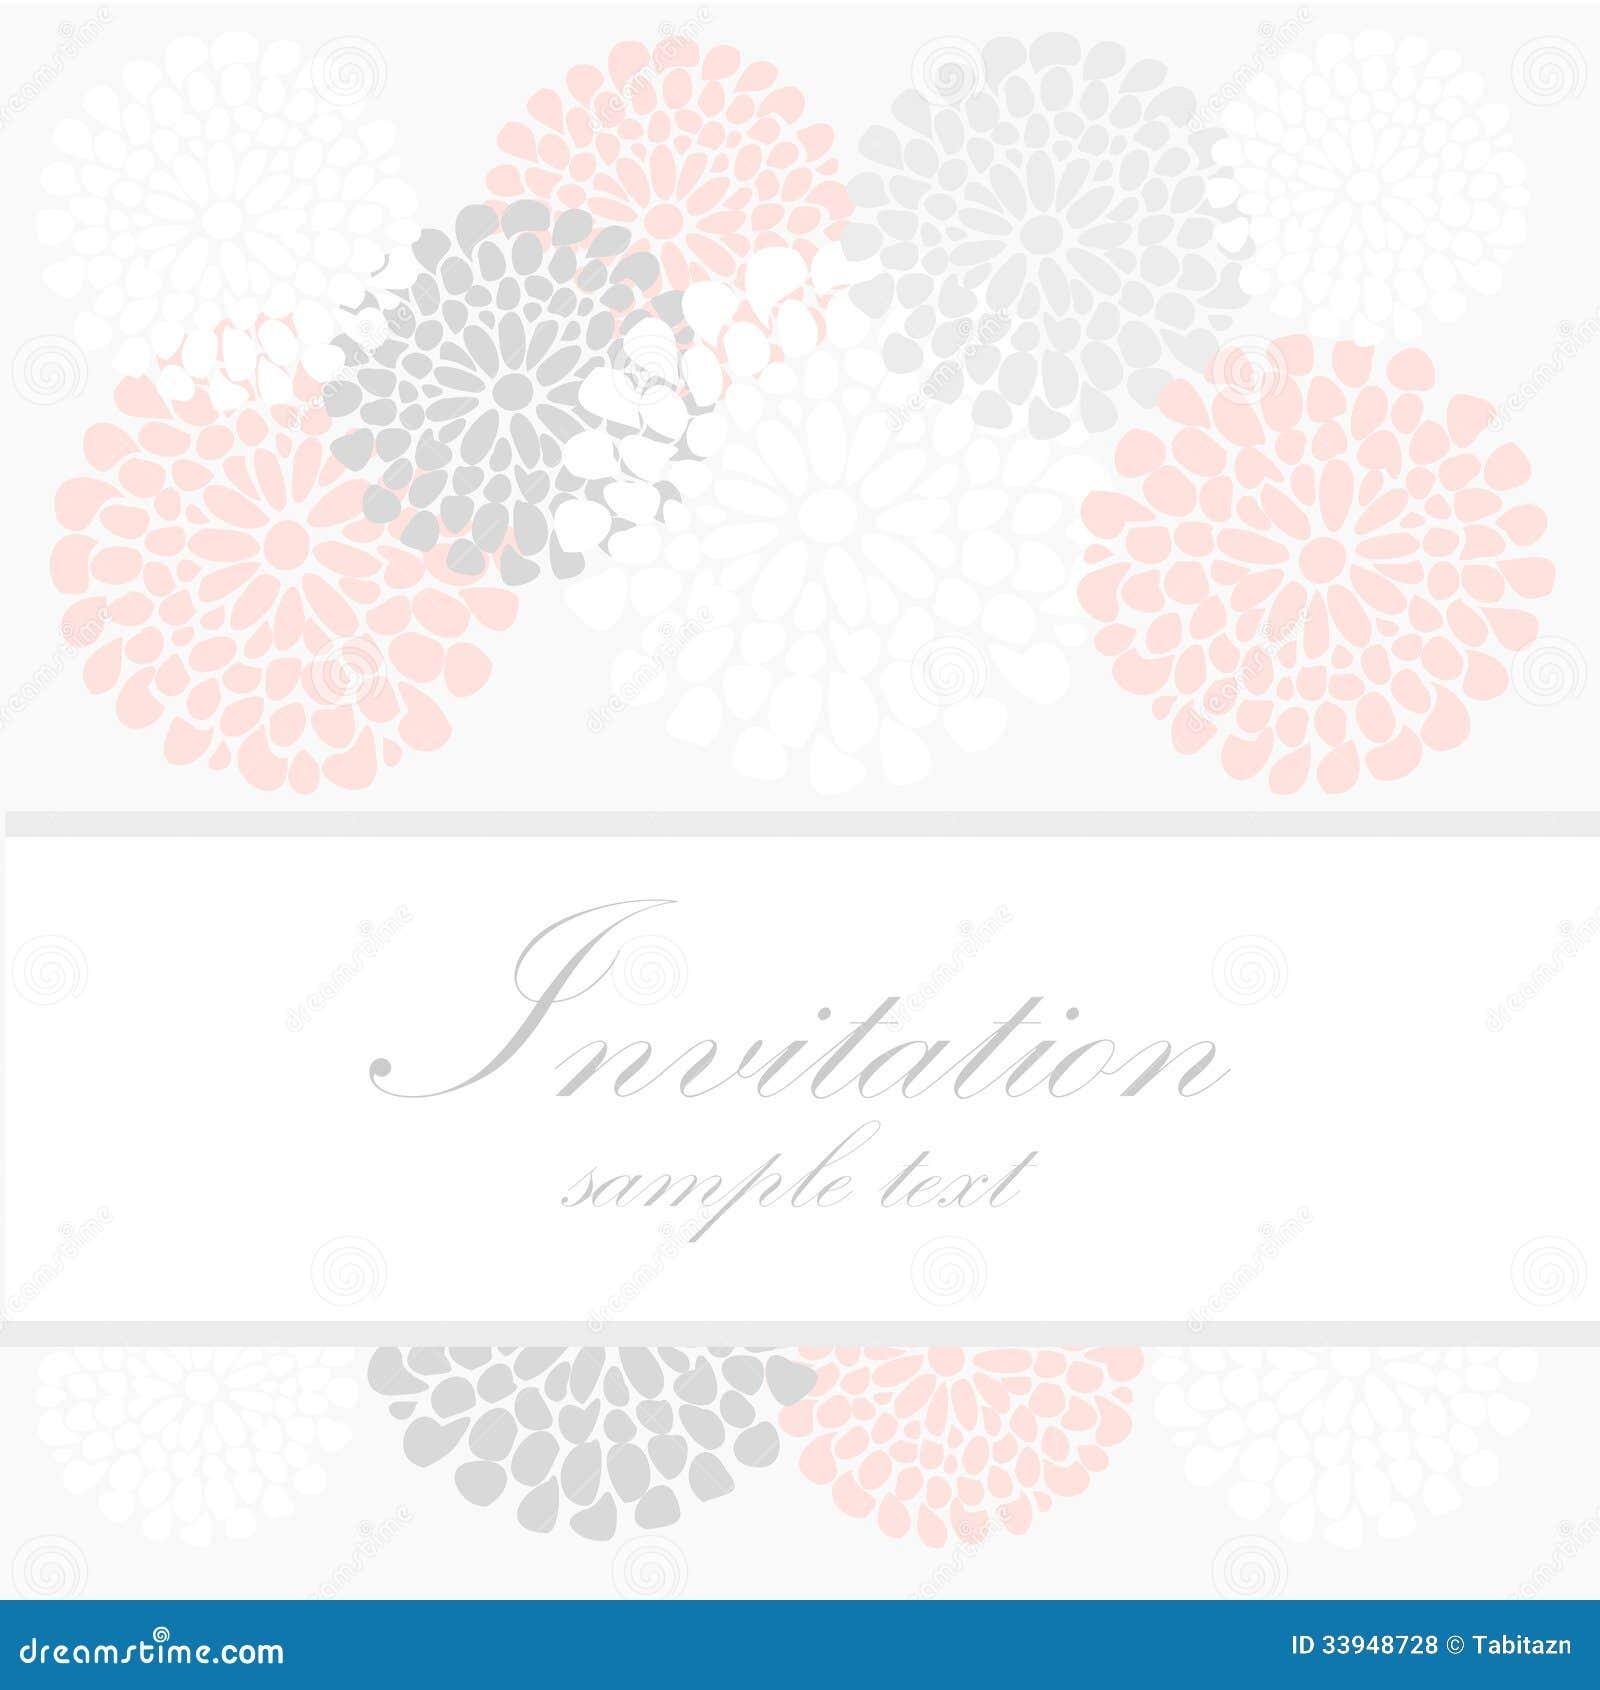 Elegant Birthday Backgrounds : Elegant Birthday Backgrounds Wedding birthday card or